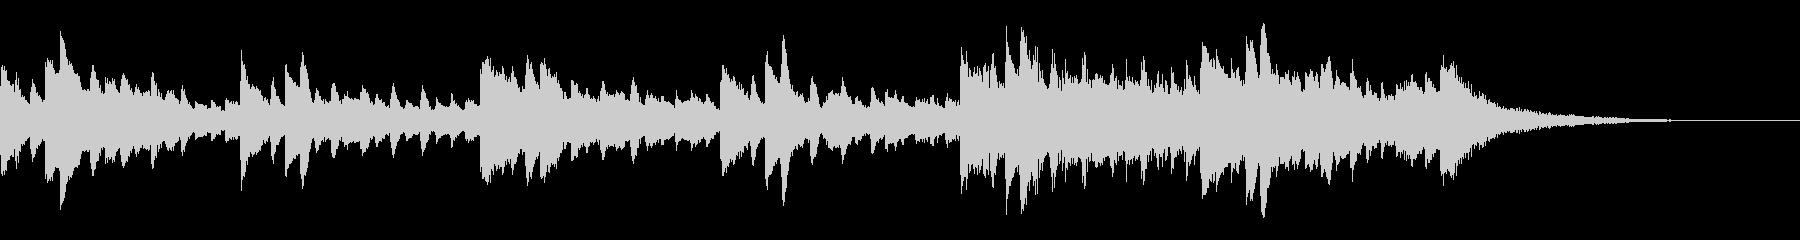 現代の交響曲 前衛交響曲 ポジティ...の未再生の波形